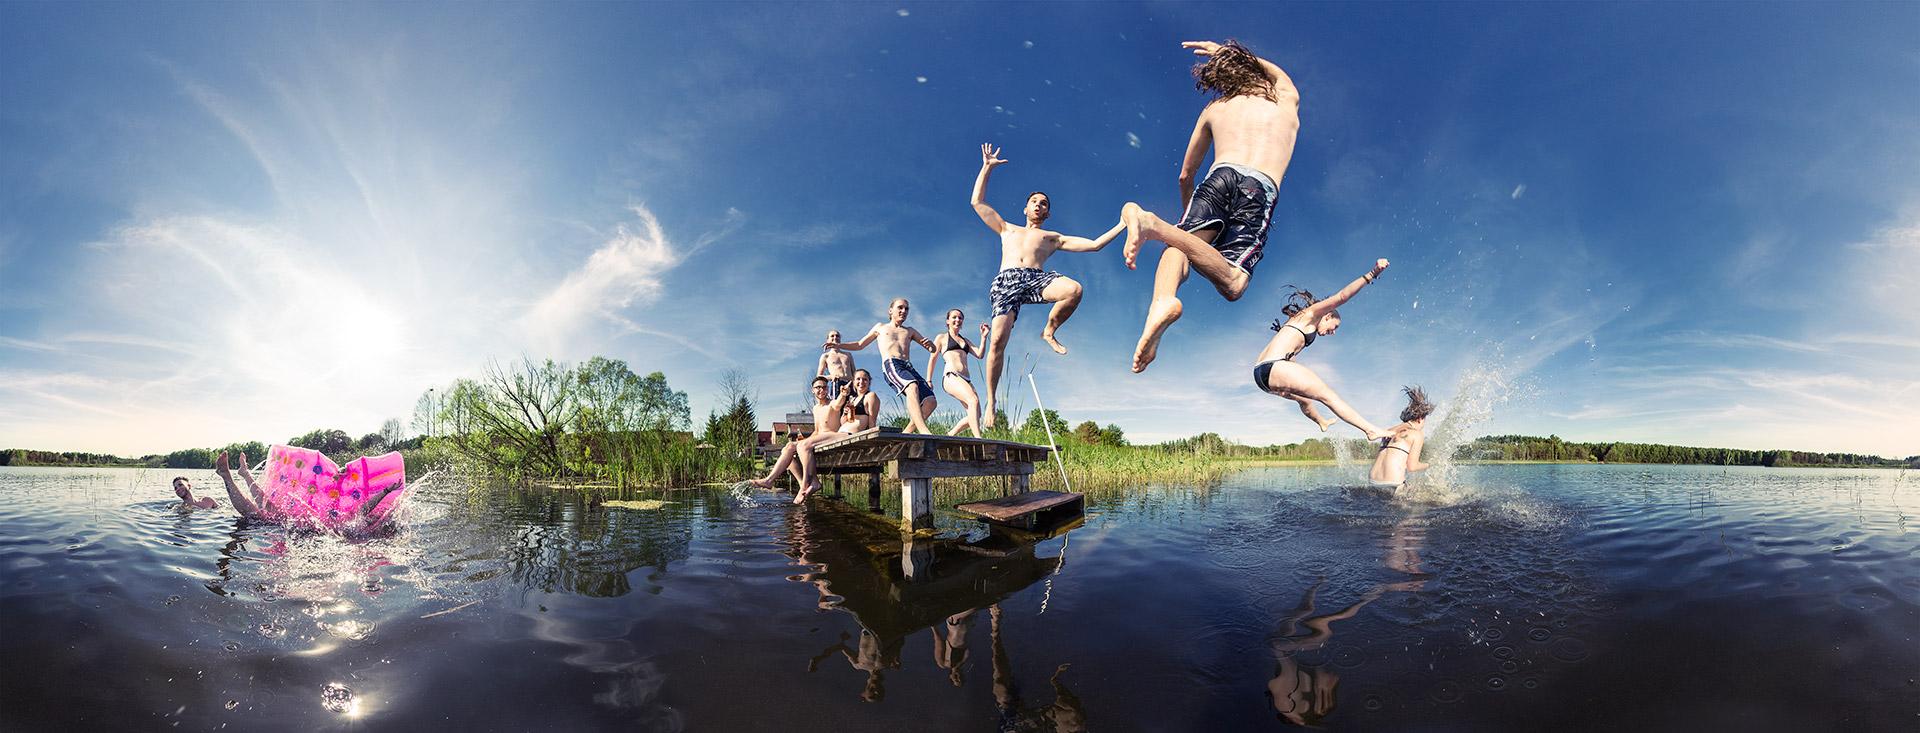 Panoramafoto Sprung in den See